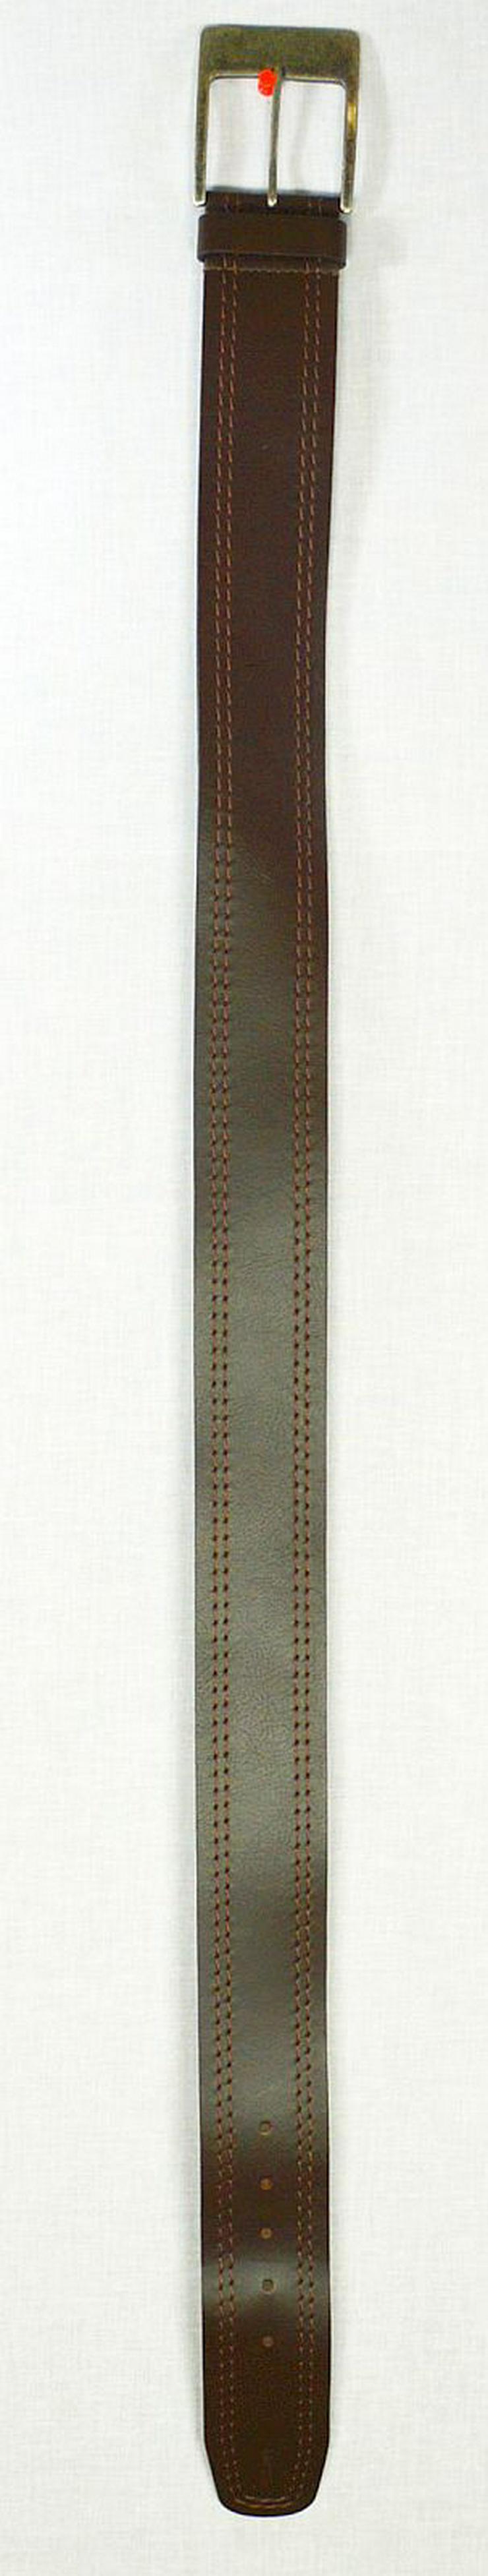 Mexx Gürtel von 90 cm bis 100 cm Marken Gürtel 48111511 - Gürtel & Hosenträger - Bild 1